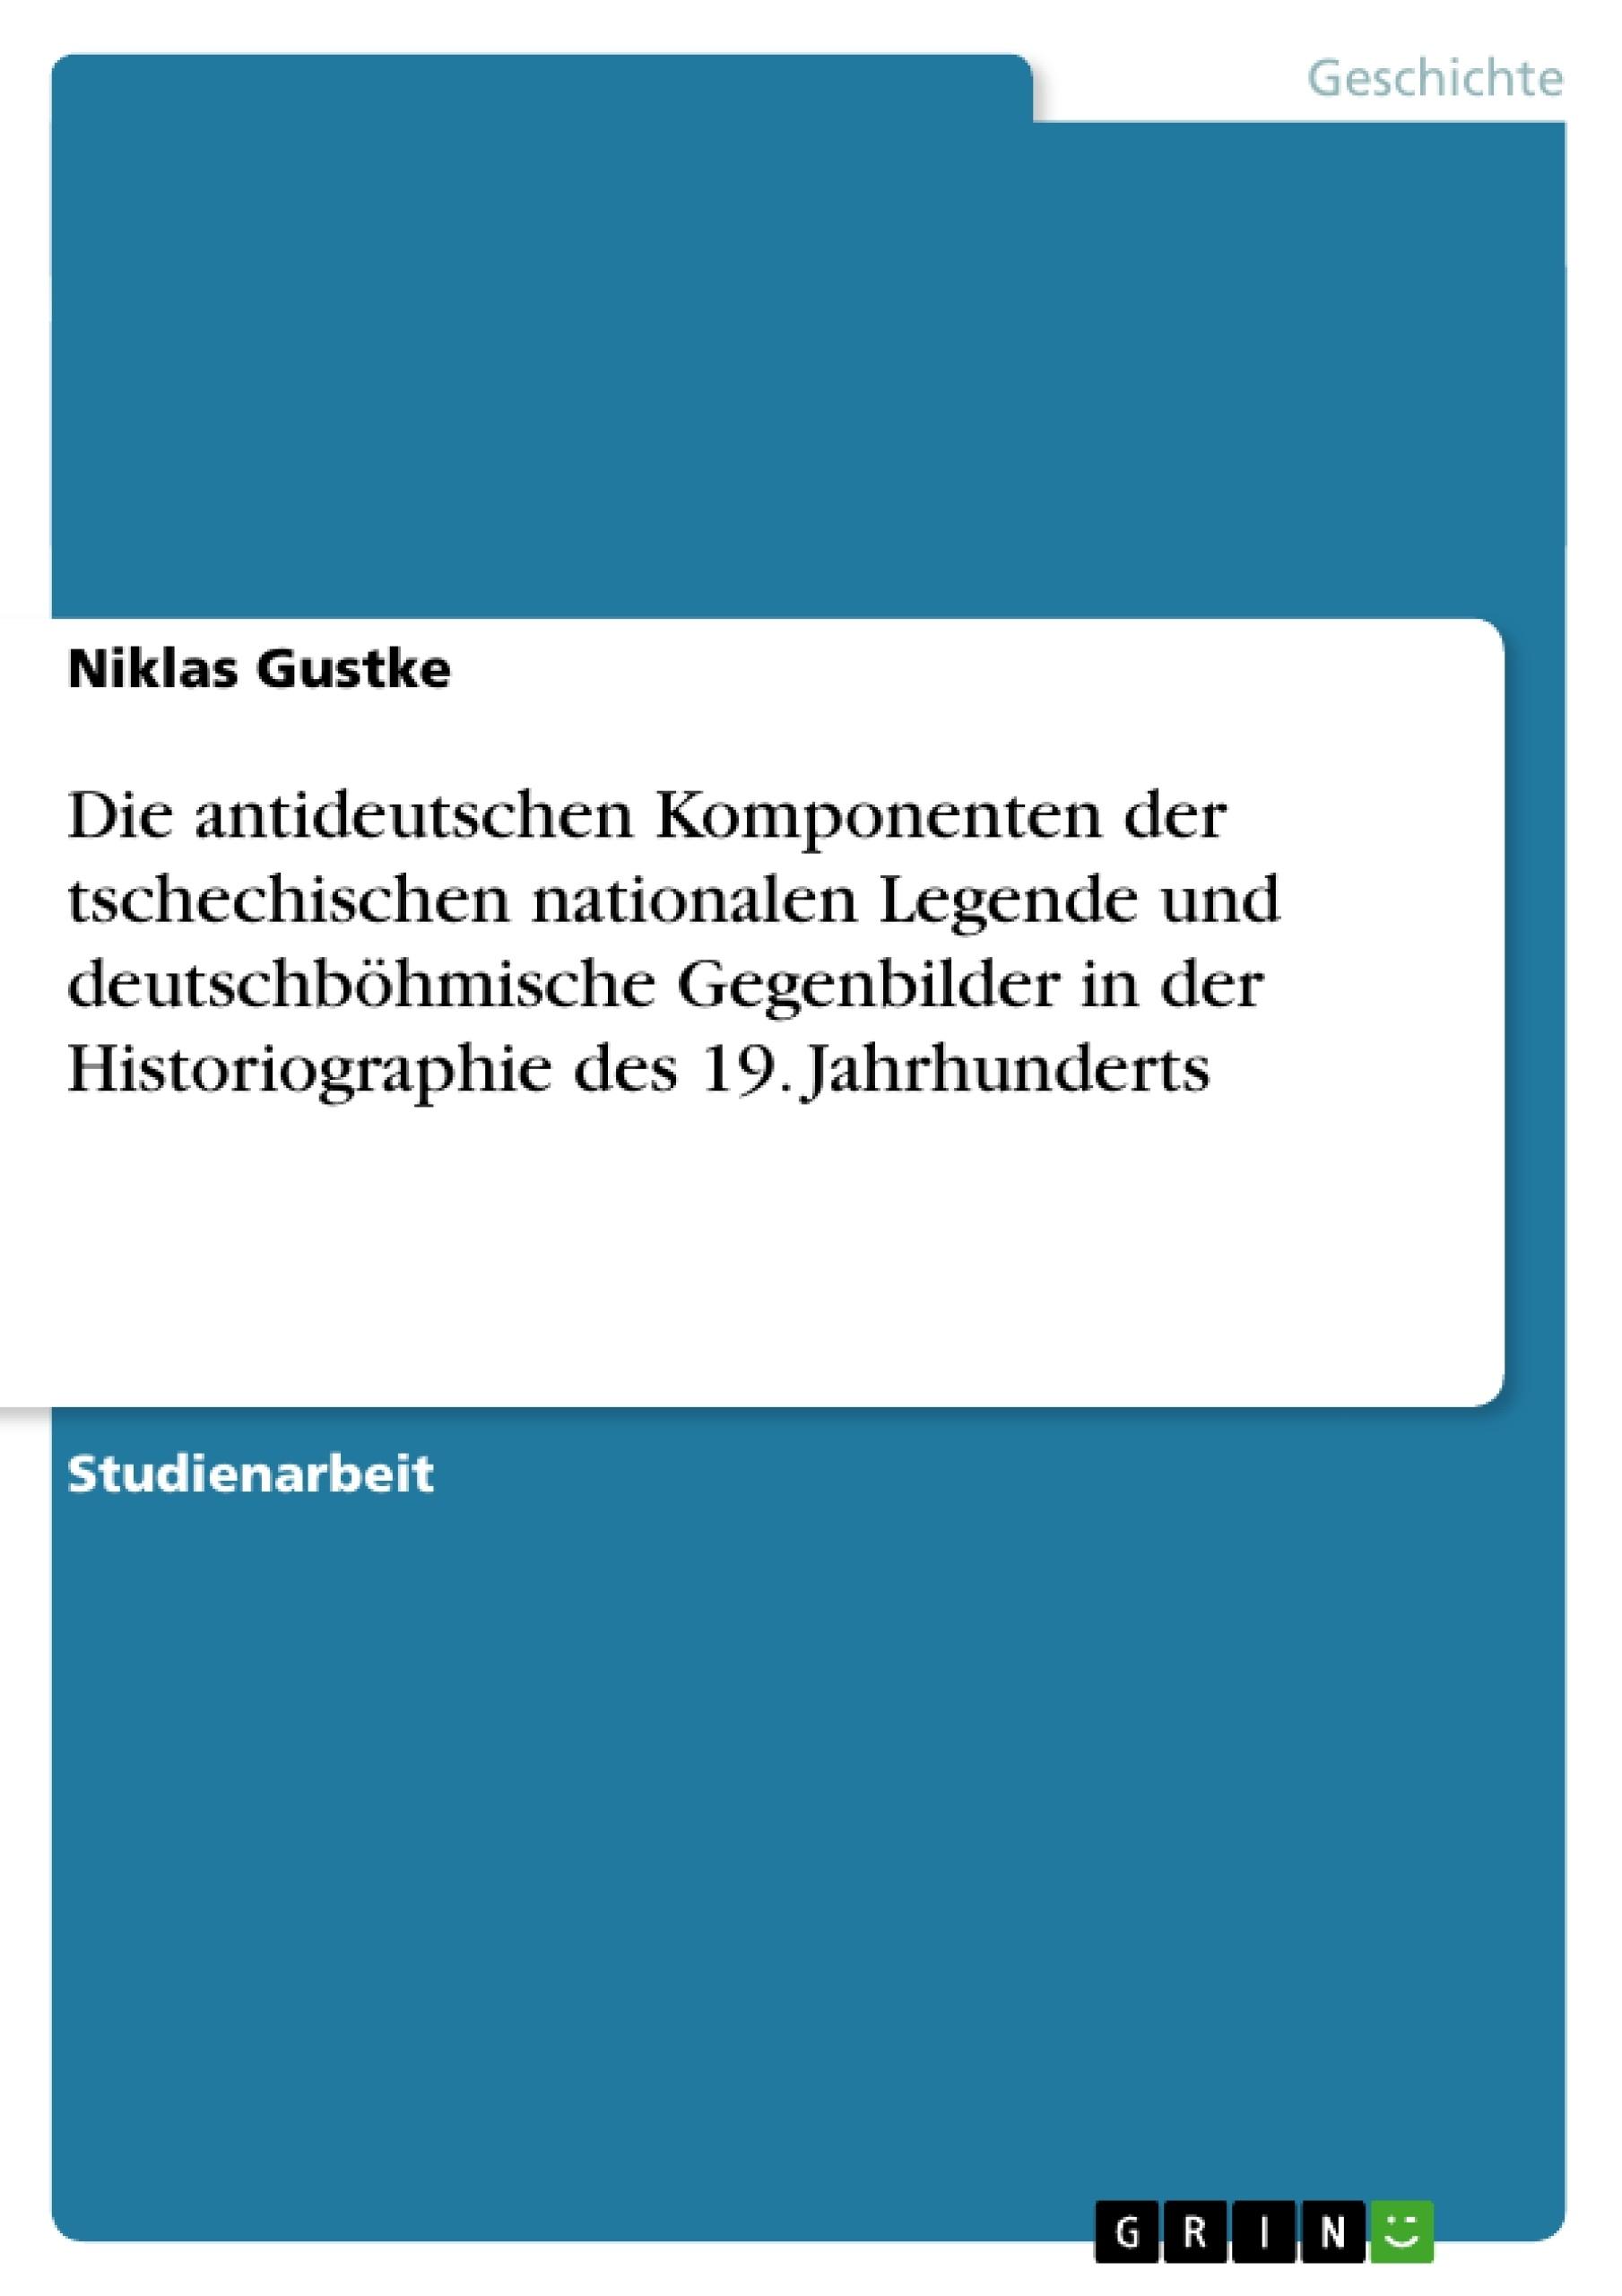 Titel: Die antideutschen Komponenten der tschechischen nationalen Legende und deutschböhmische Gegenbilder in der Historiographie des 19. Jahrhunderts